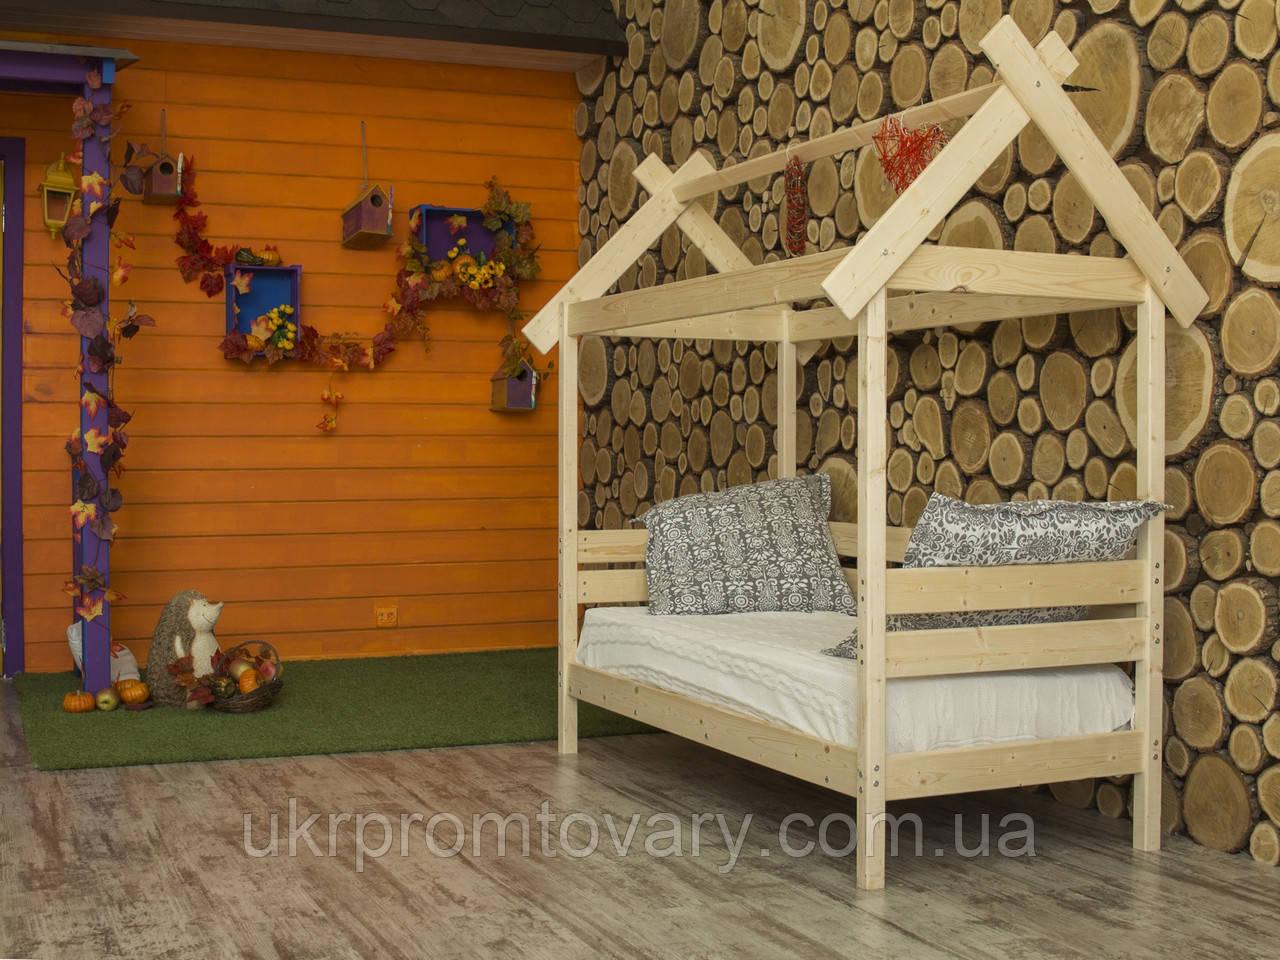 Детская кровать-домик Избушка в Киеве, натуральное дерево, качество